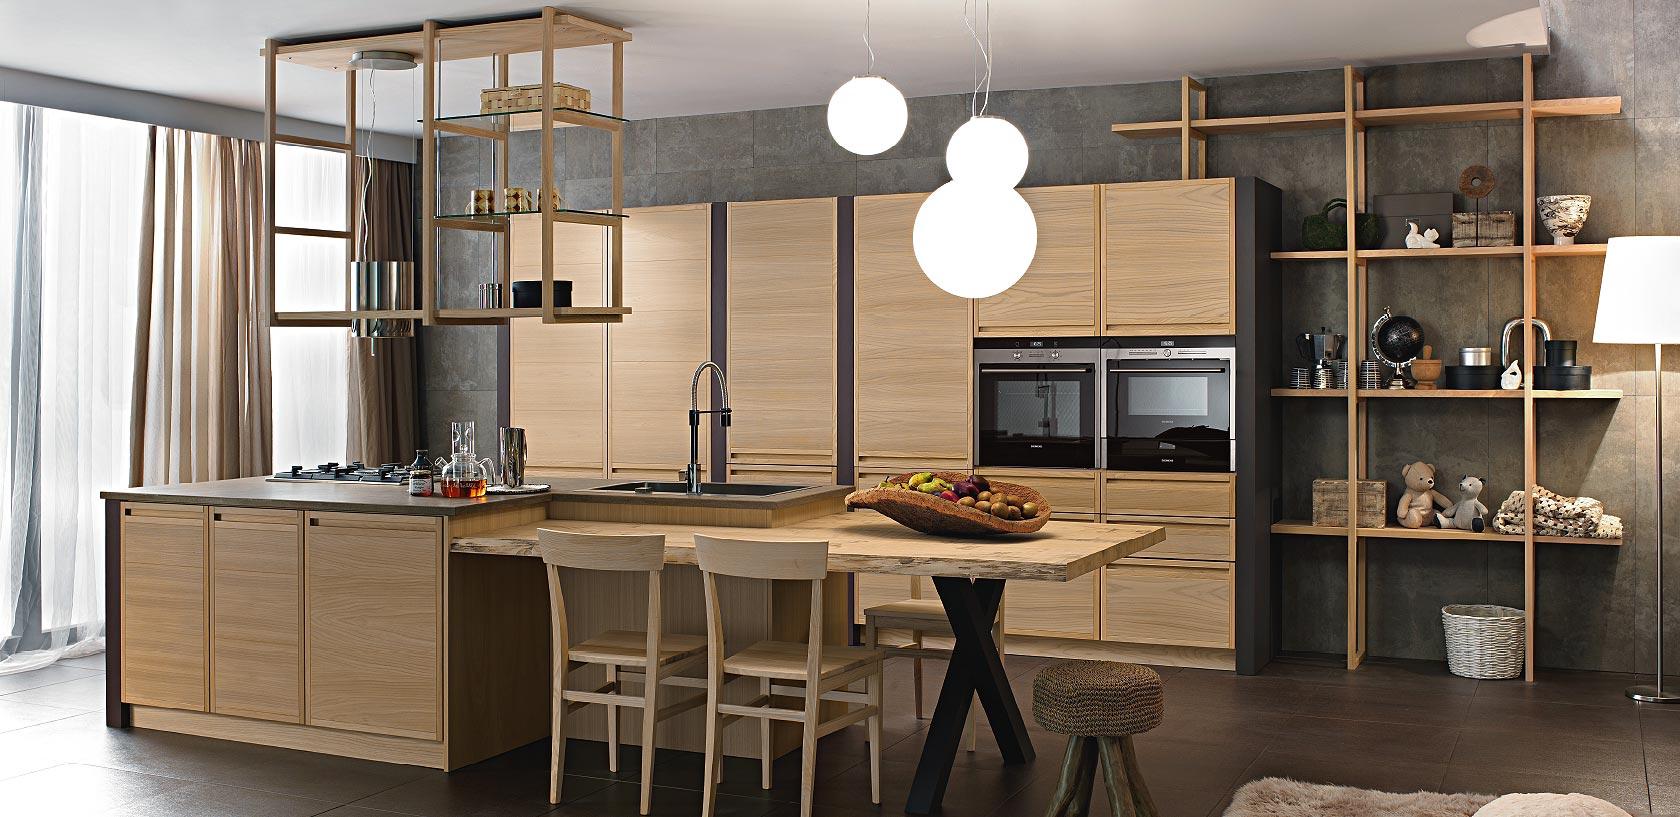 Designa Natural Con Resina Caffè E Piano In Pietra Santafiora #956836 1680 817 Cucine Rustiche In Muratura Zappalorto